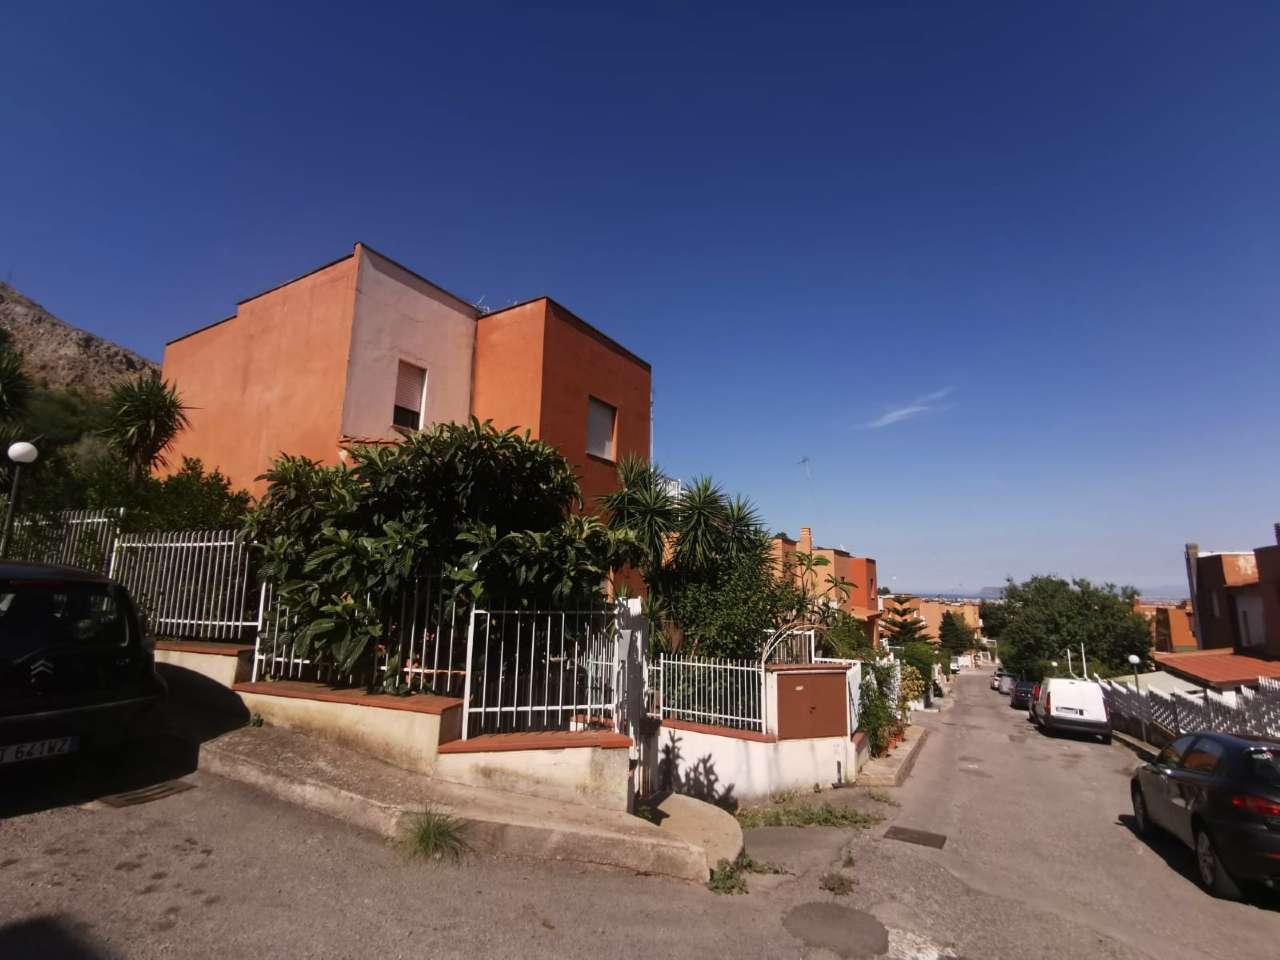 Villa in Vendita a Palermo: 5 locali, 200 mq